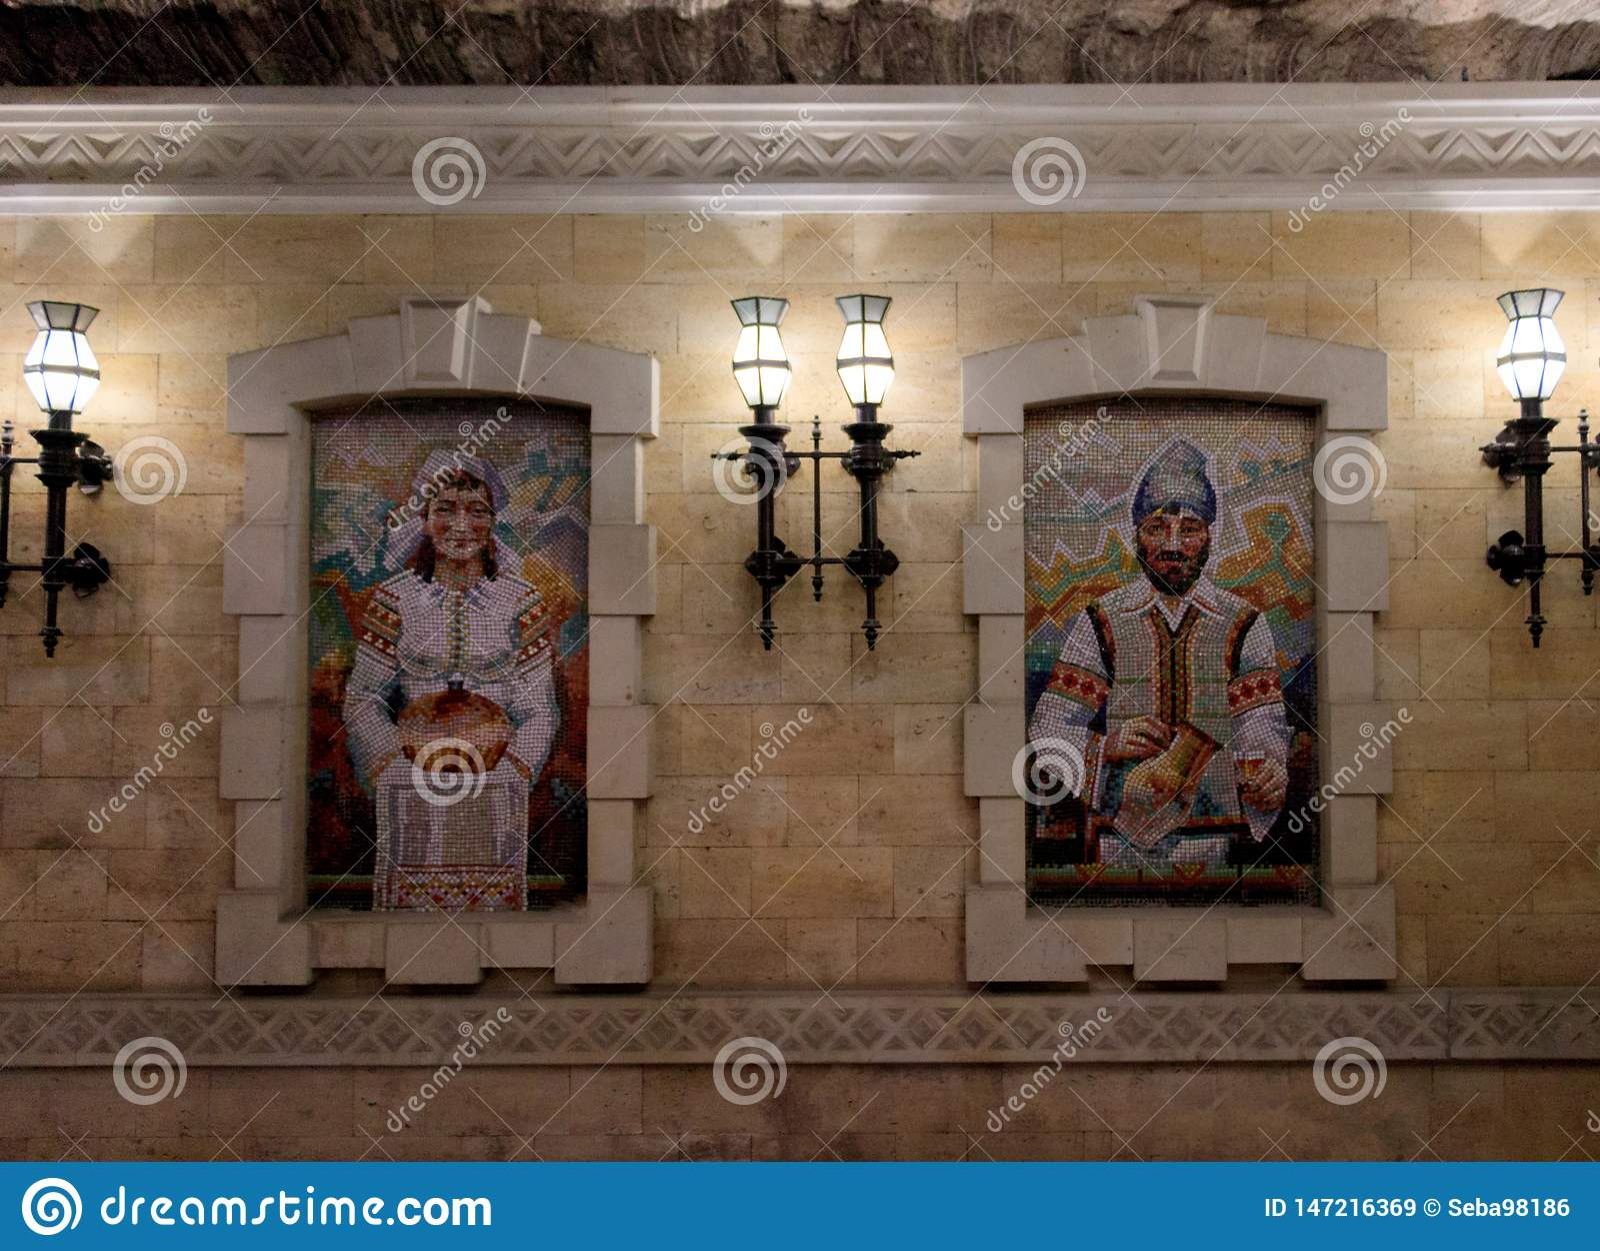 Pittura del mosaico di un uomo e di una donna vestiti in costumi tradizionali di Moldavo